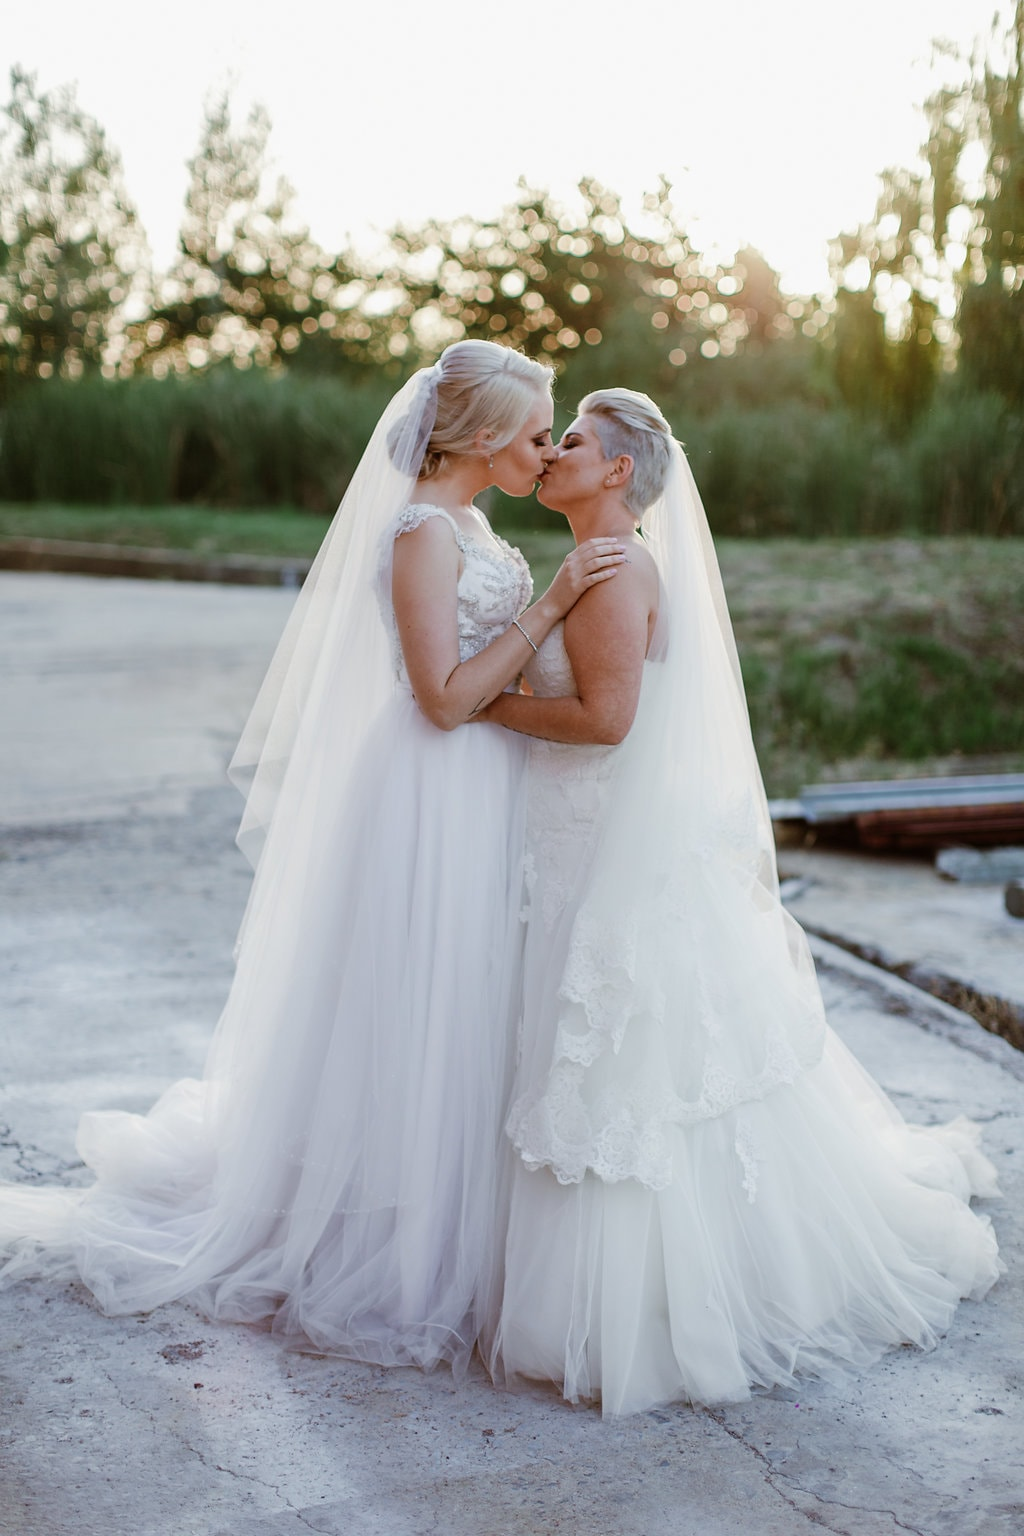 Two Brides | Image: Jenni Elizabeth